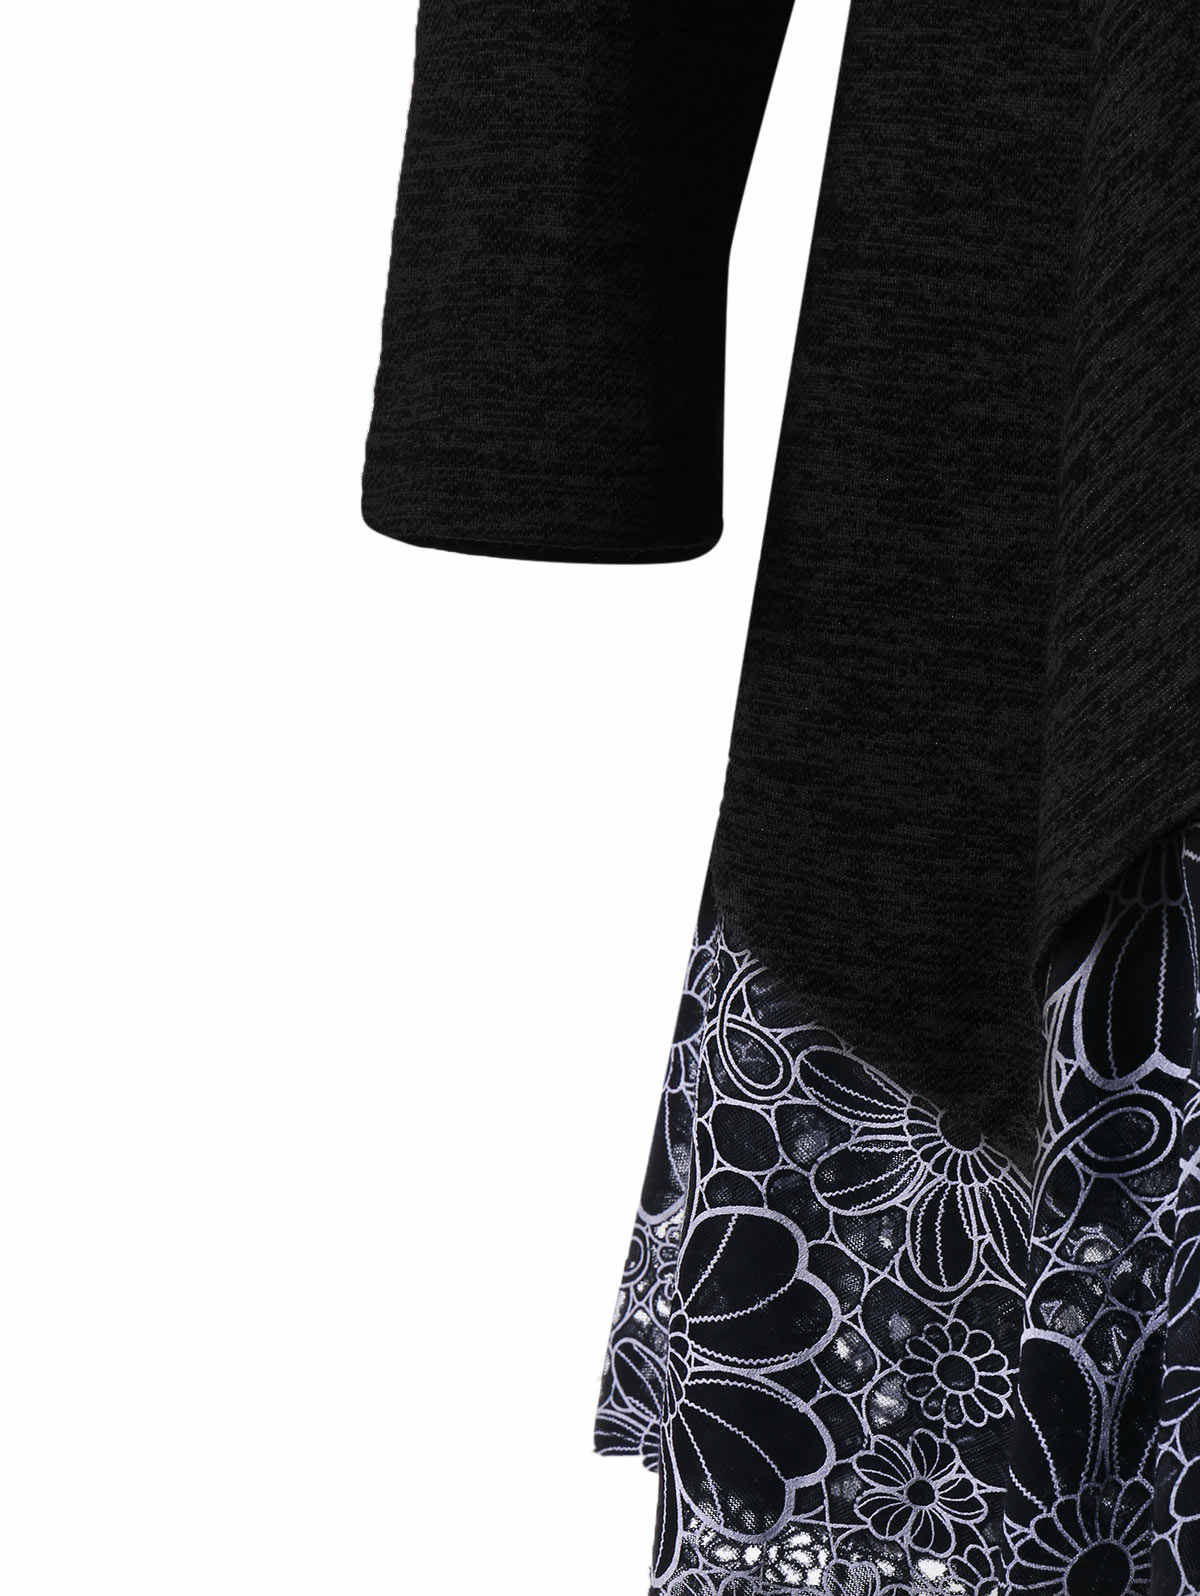 Gamiss プラスサイズカウルネックレース編み長袖ビッグサイズ秋の女性ディープグレー Tシャツトップスボタン修飾語服トップ